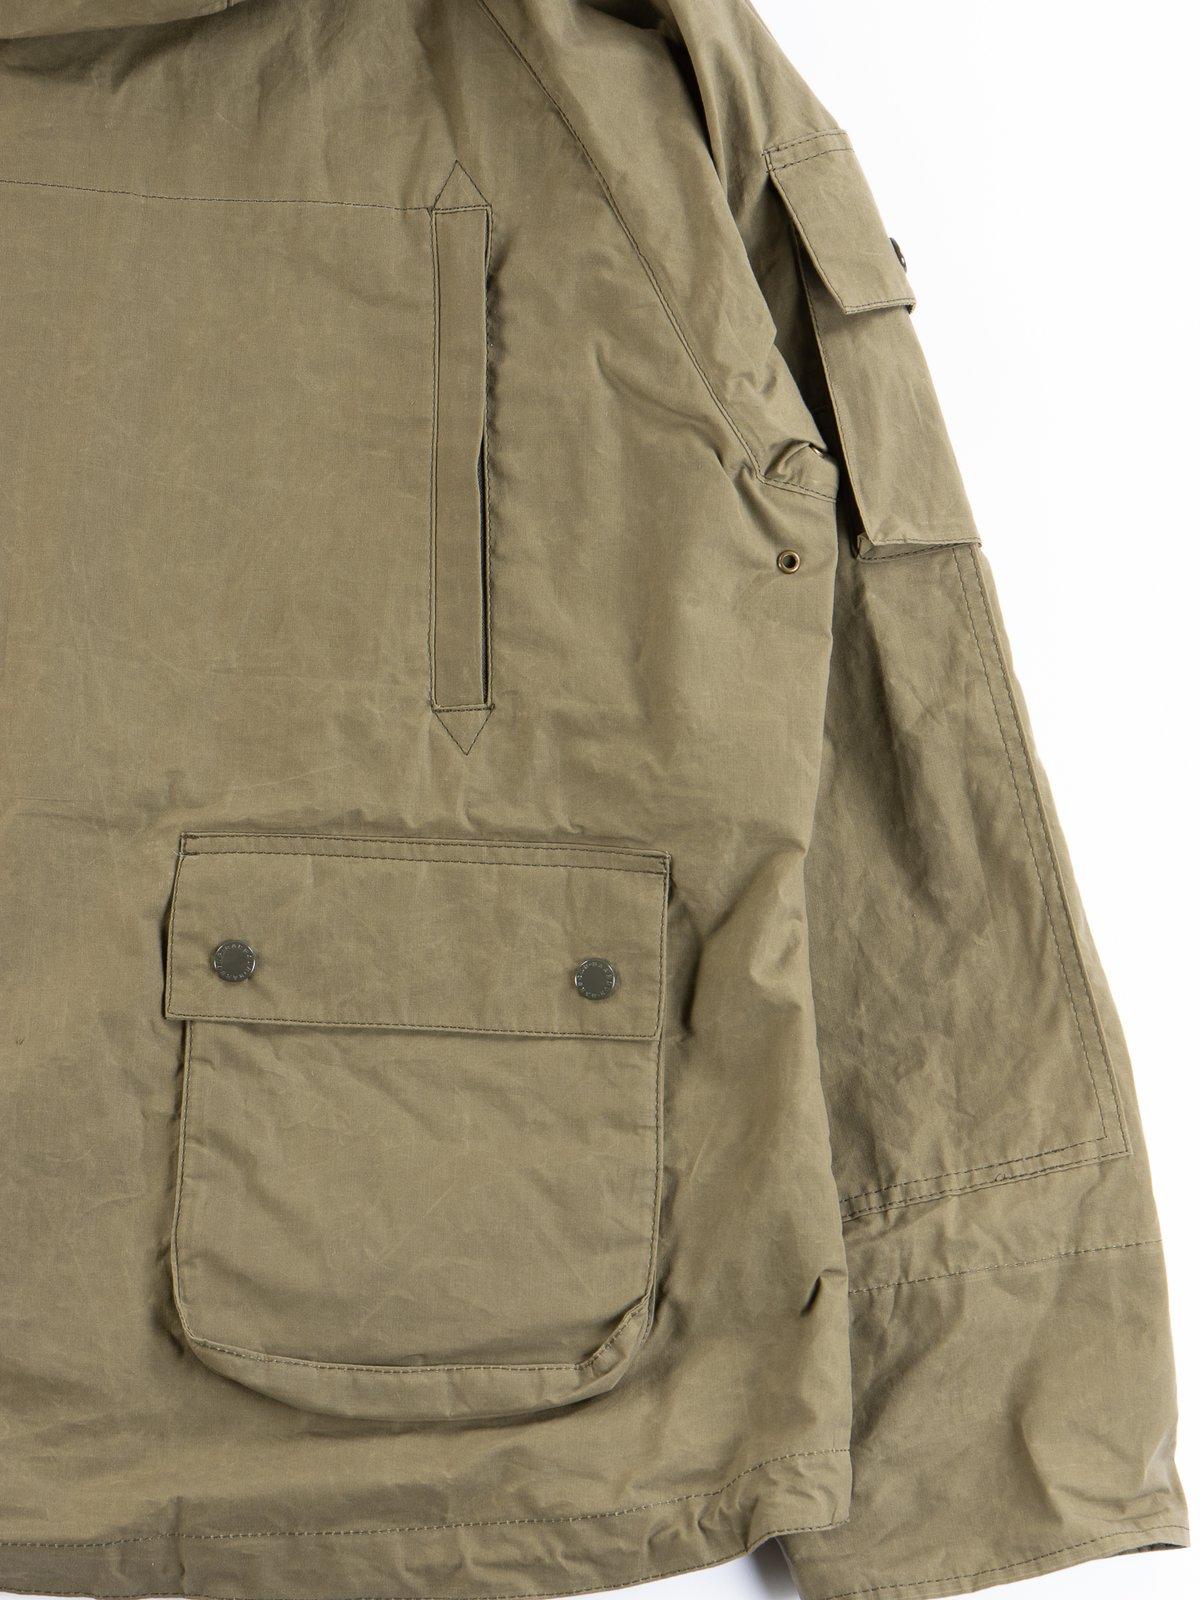 Olive Thompson Jacket - Image 7